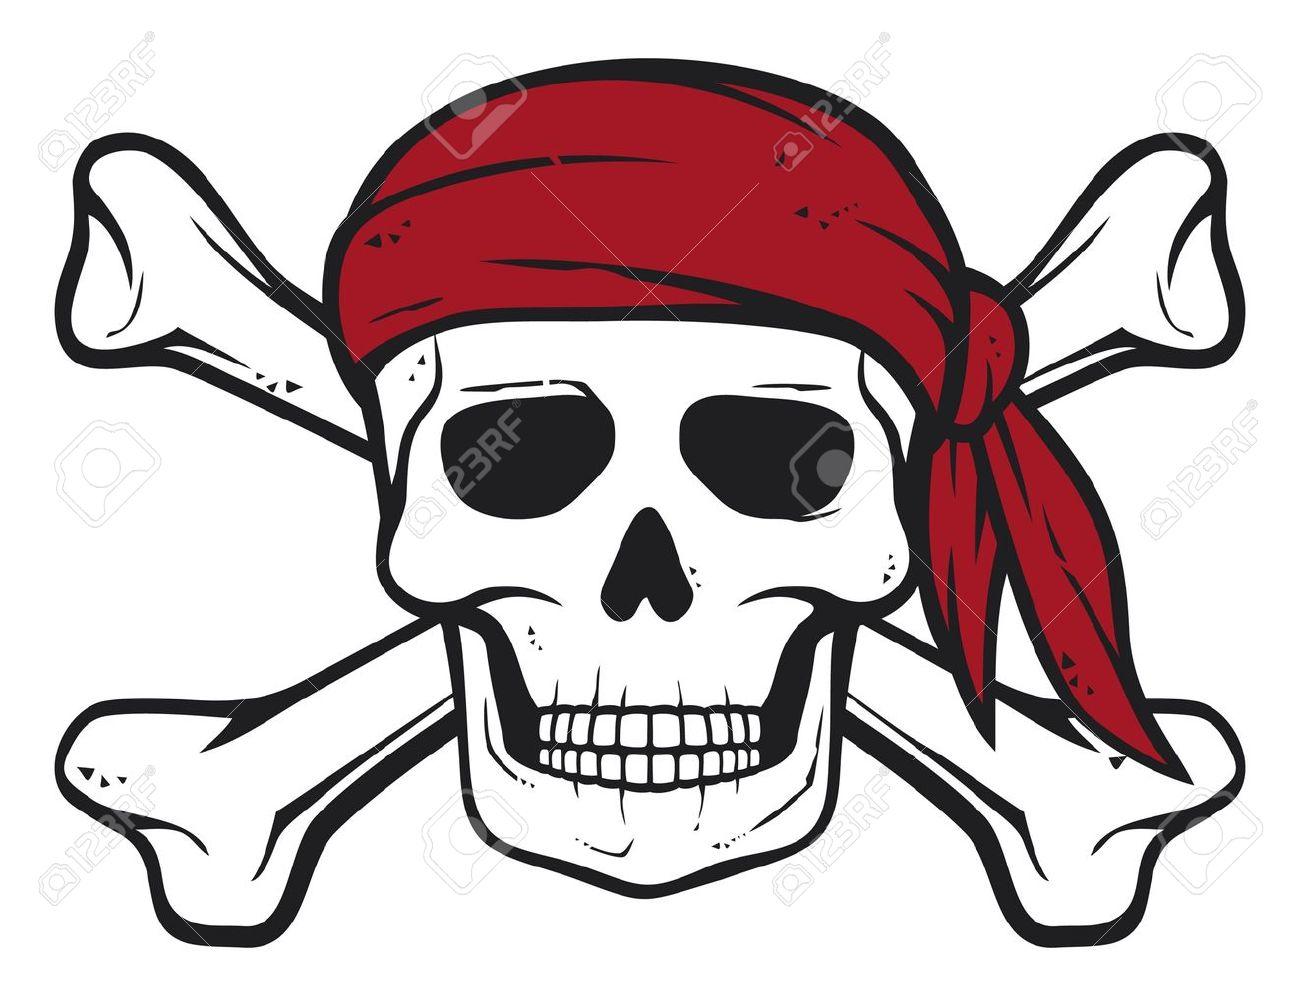 Pirata Cráneo Pañuelo Rojo Y Huesos Huesos Piratas Símbolo Cráneo